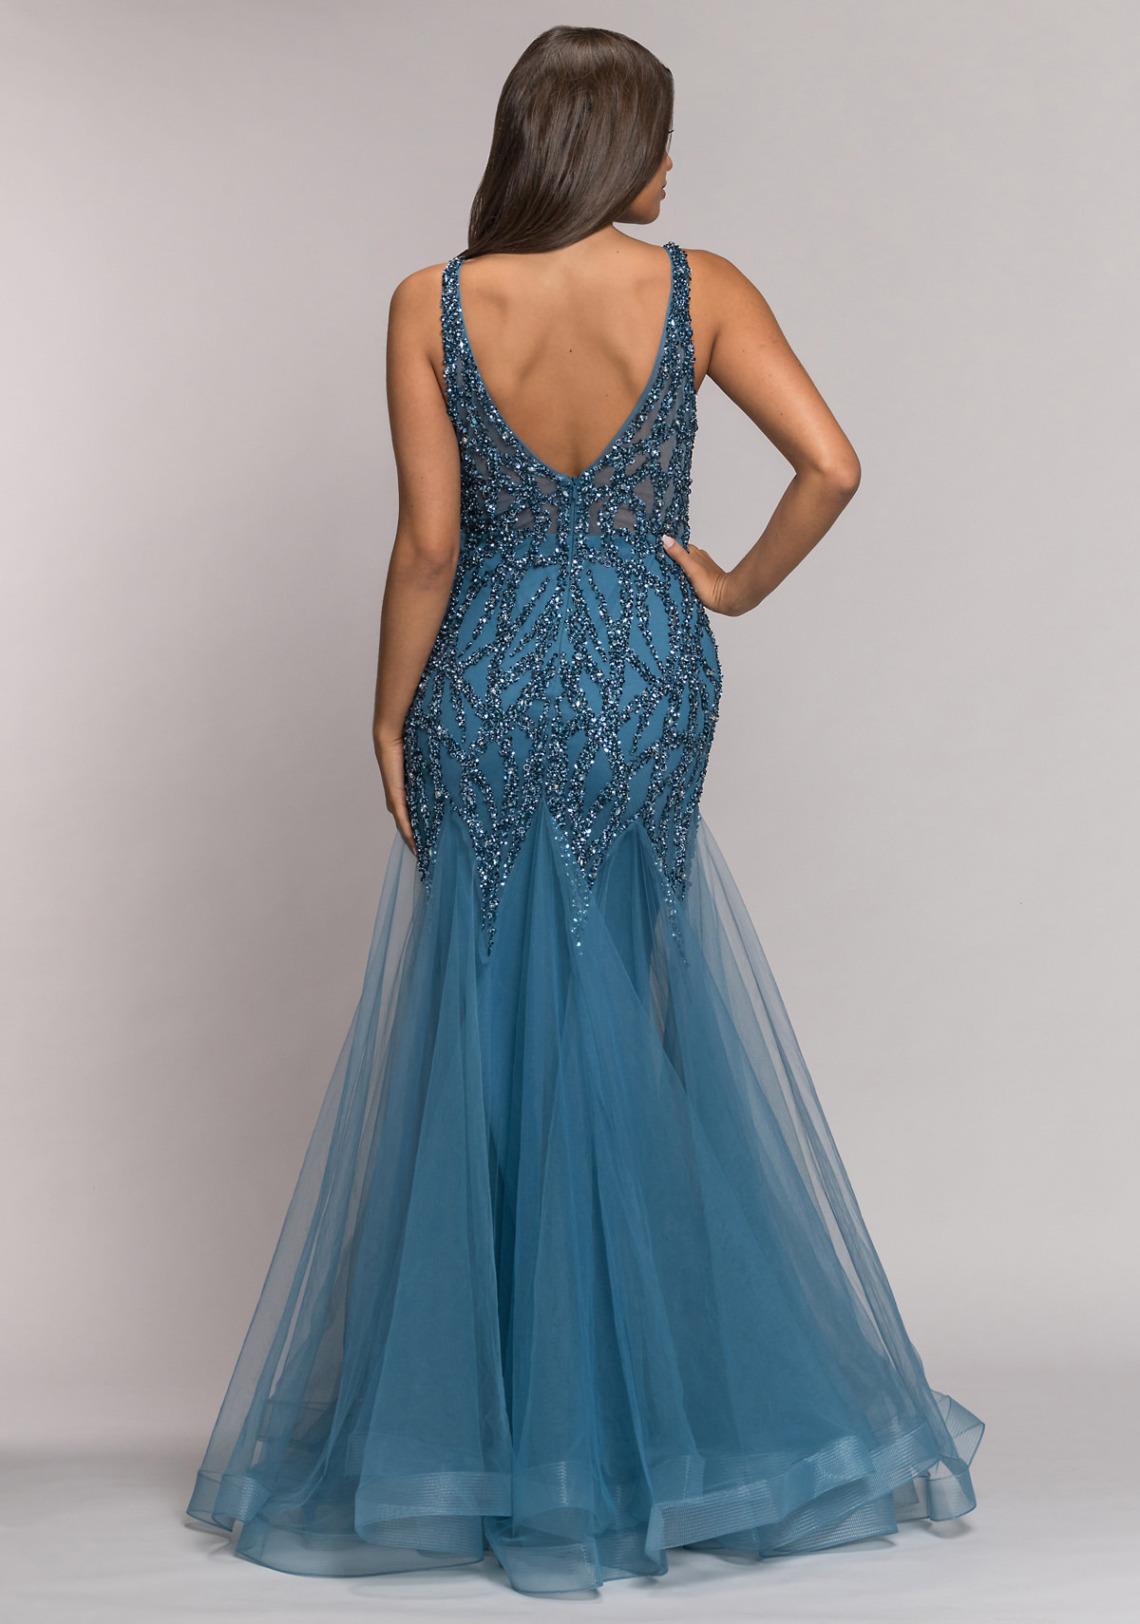 Abiball Kleid im Mermaid-Stil. Das lange Abendkleid begeistert jede Meerjungfrau Ballkleider lang schön ausgefallen V Ausschnitt glitzer jung Tüll Rock Koehlert Modell ice blue